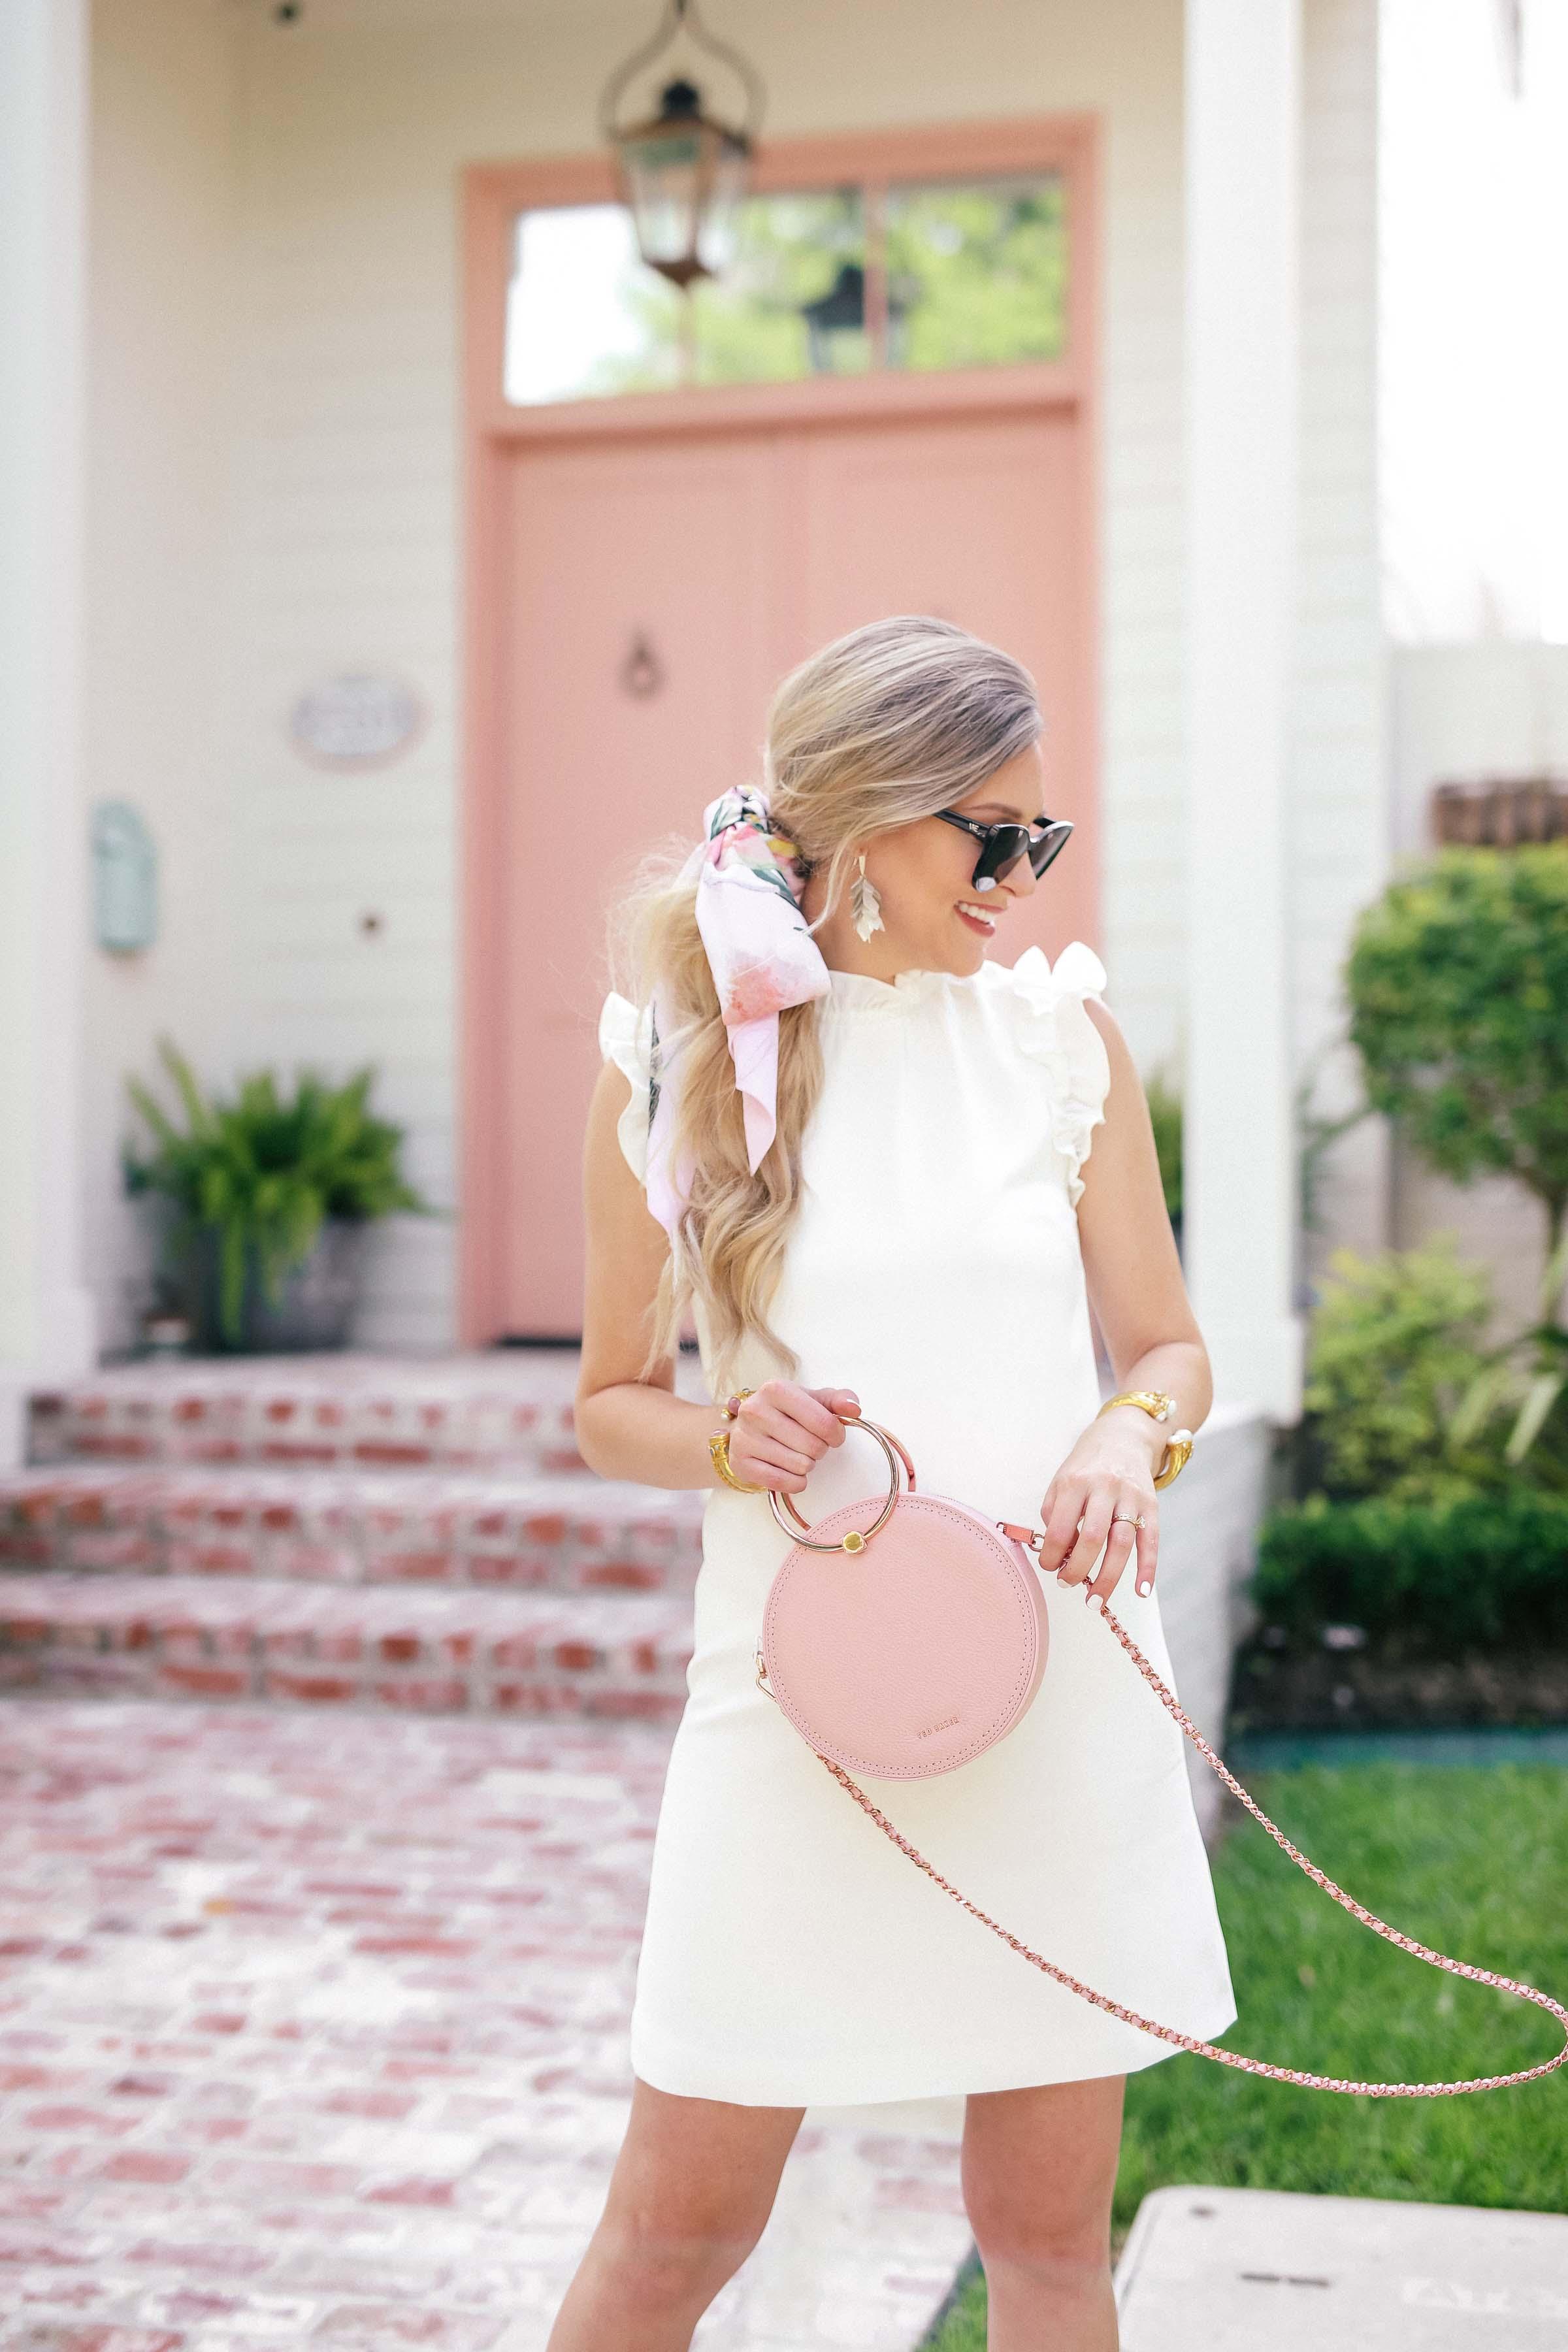 c49ea78228f2 ... Little White Dress for Summer | Ted Baker White Ruffle Dress